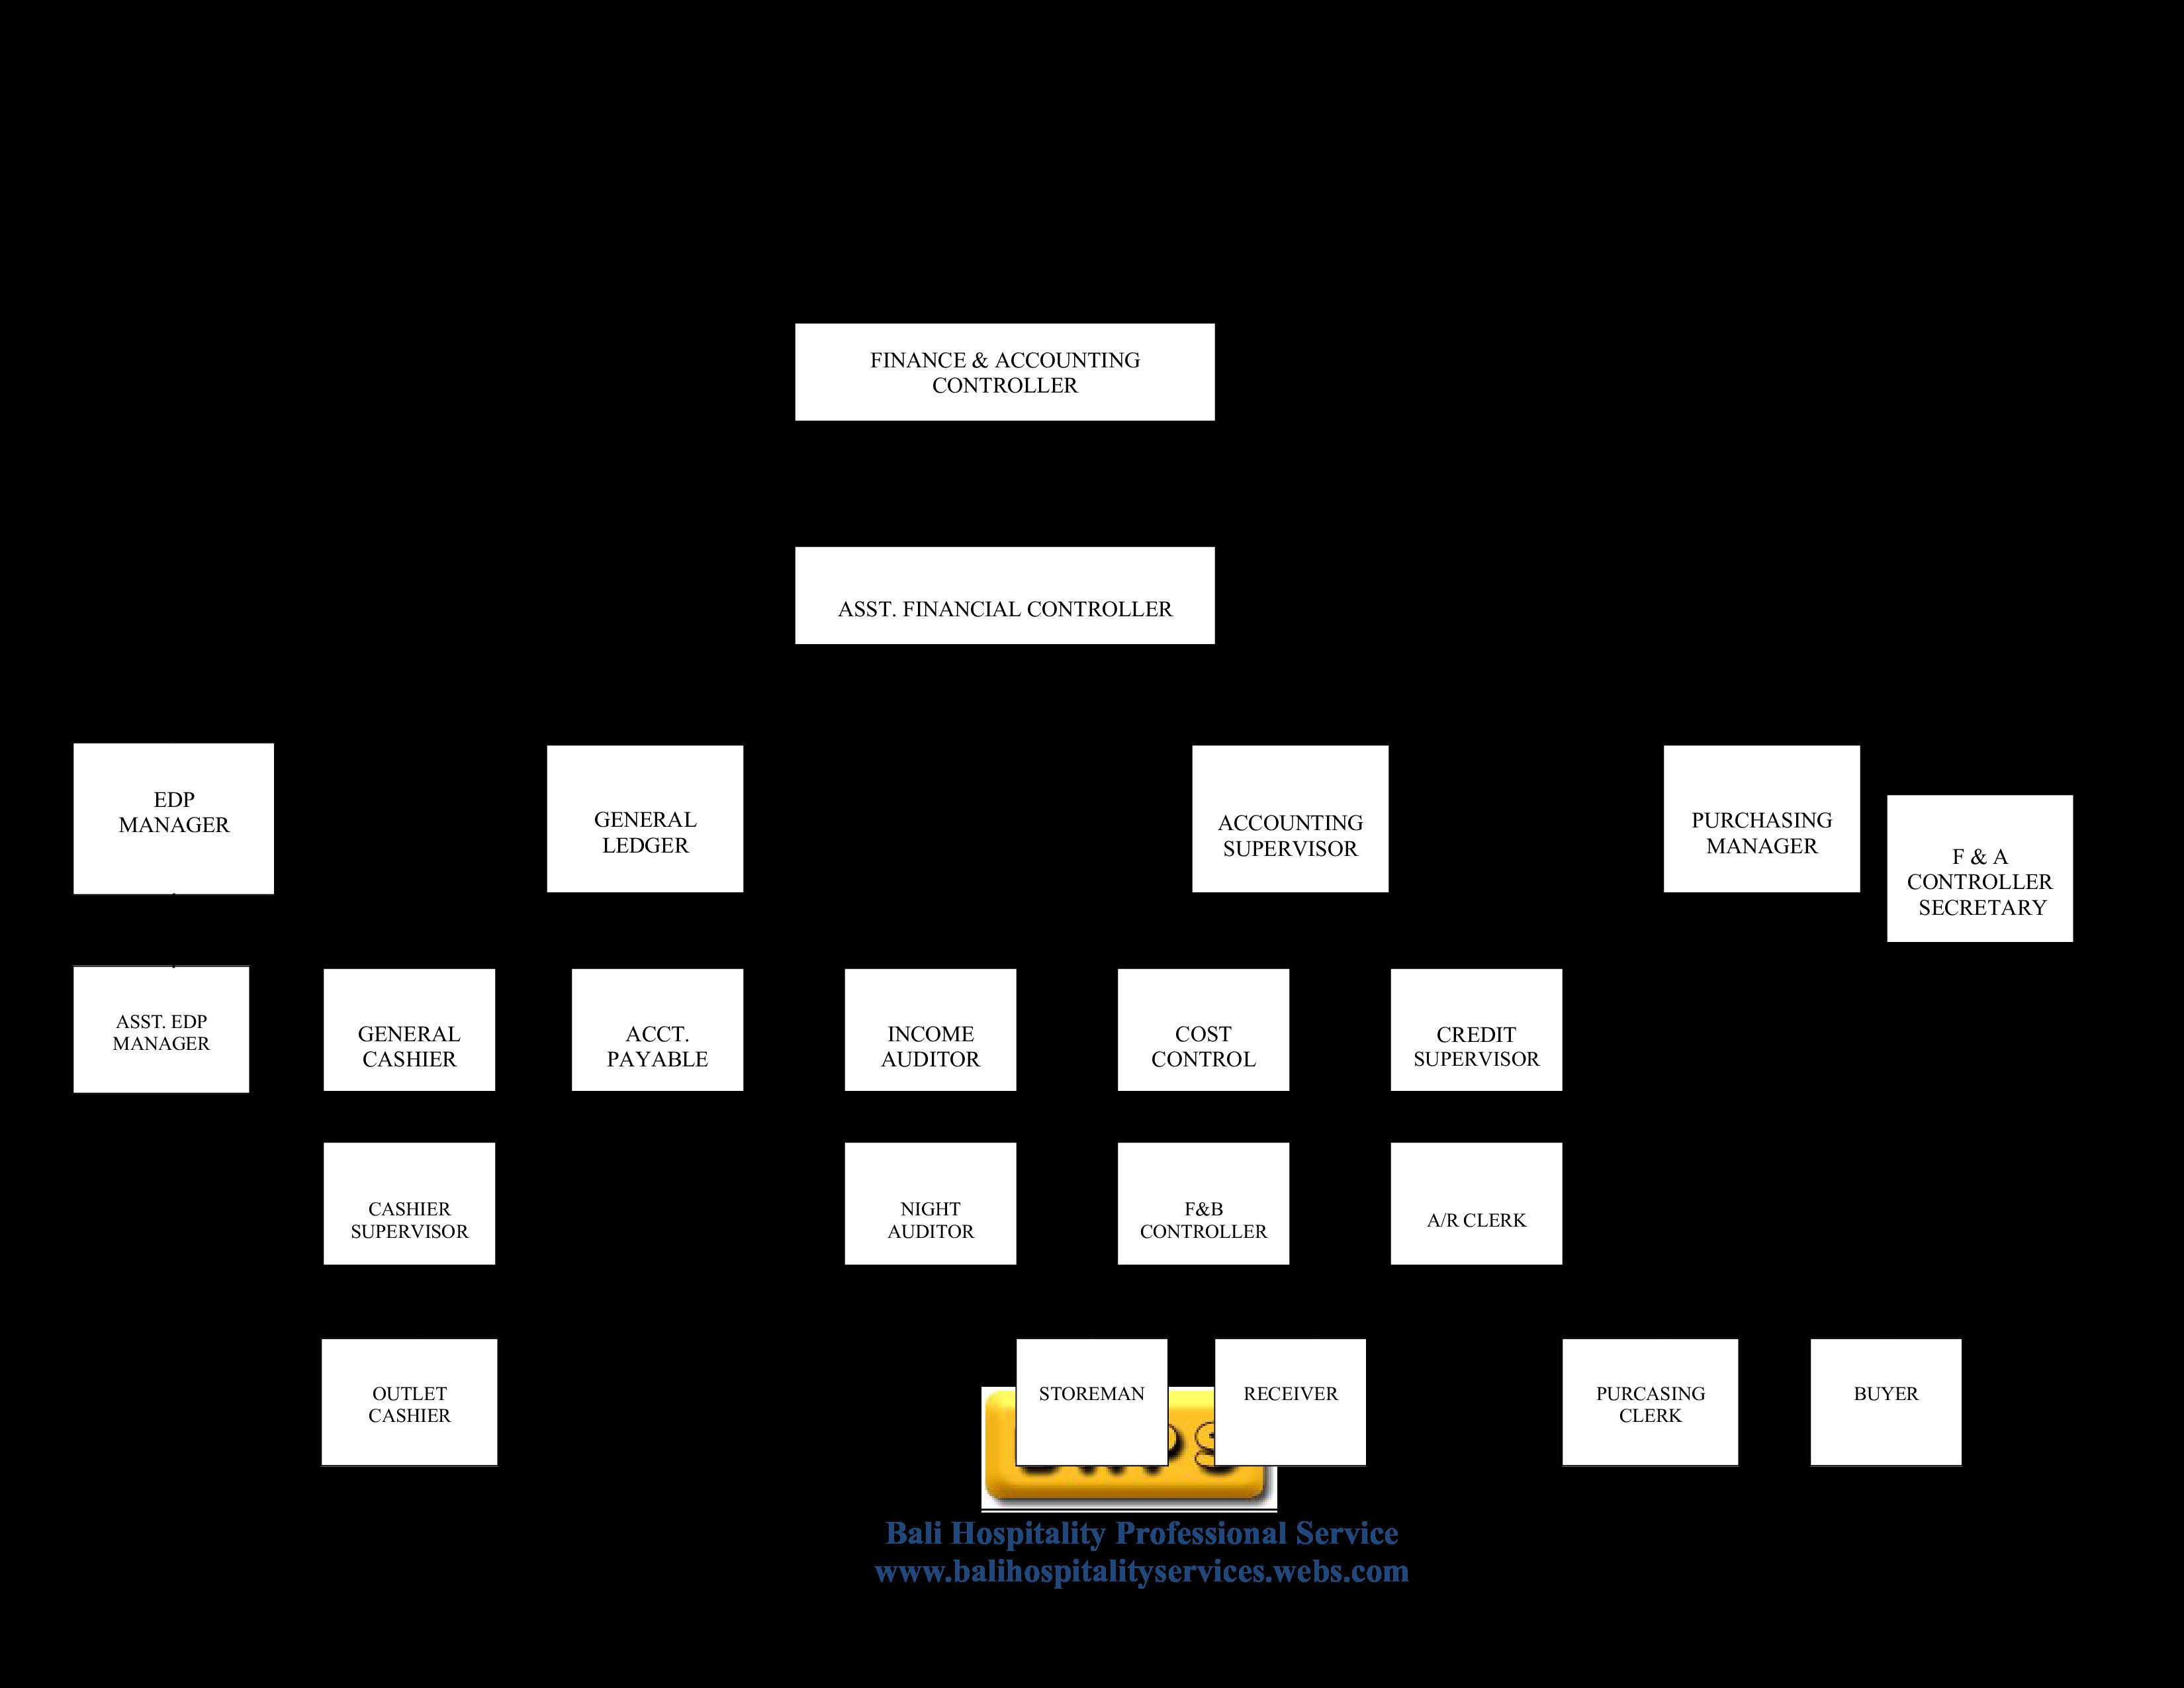 Hotel Organizational Chart